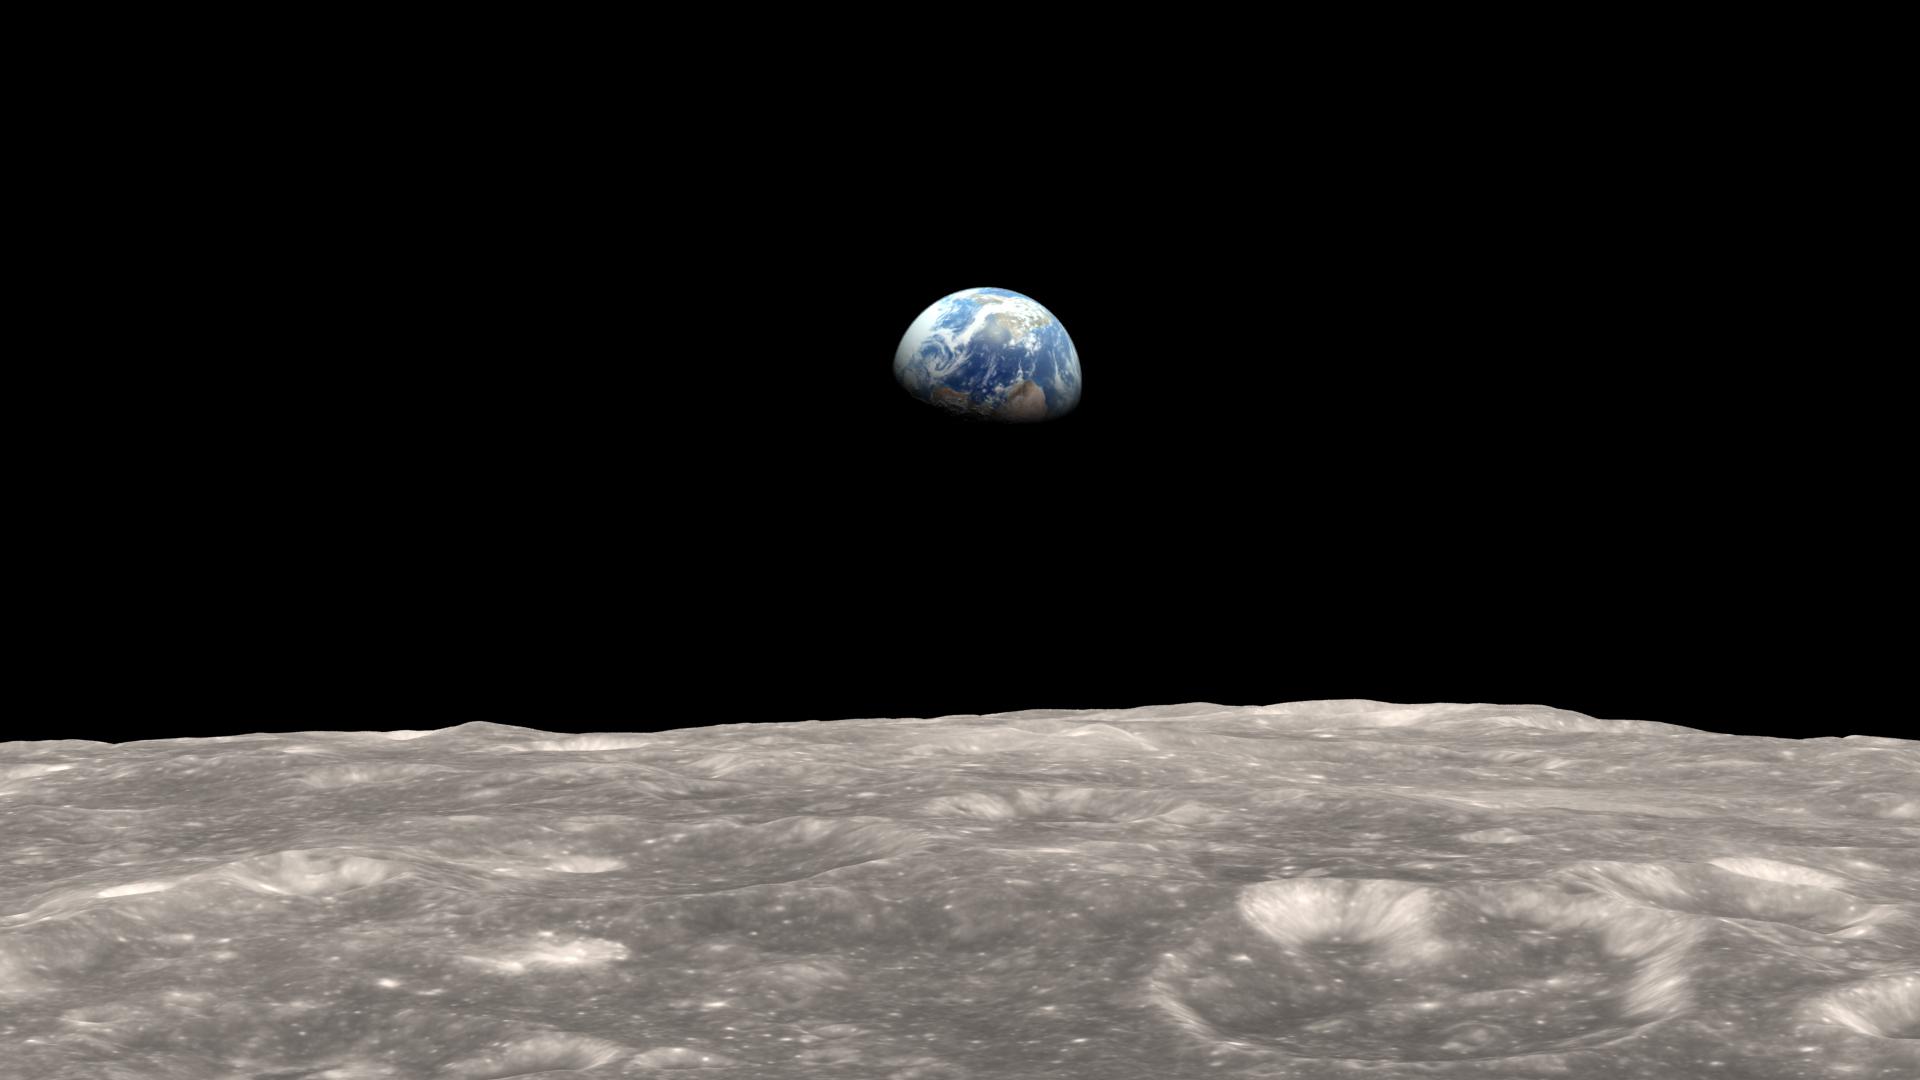 La Terre vue de la Lune. ©NASA